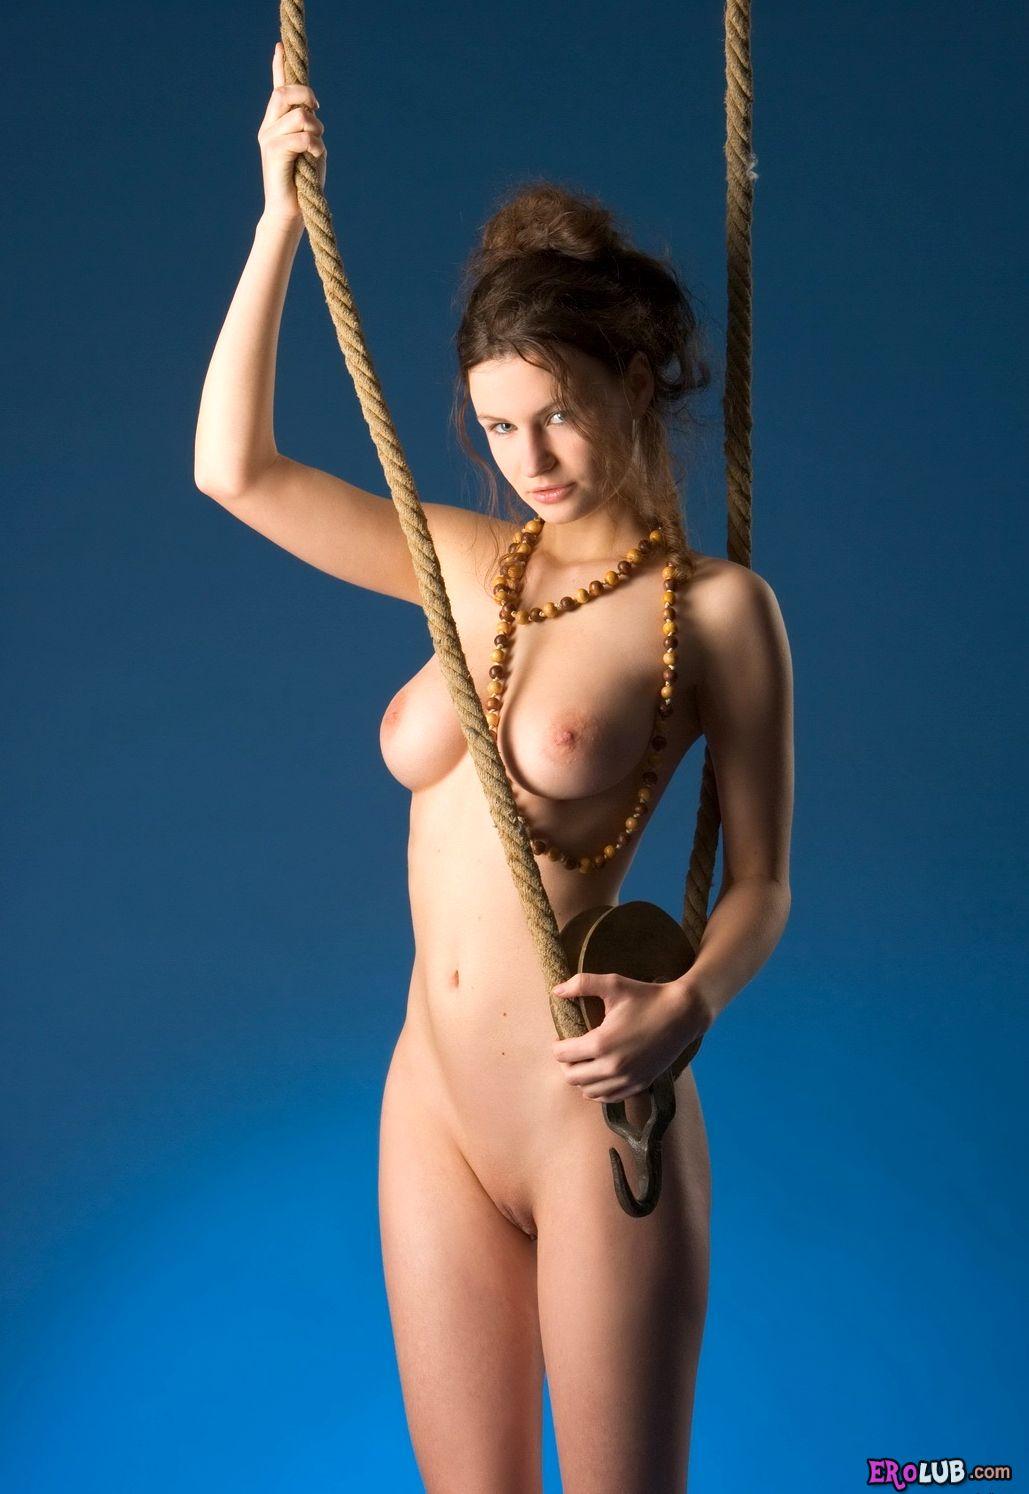 Роскошная эротическая модель с идеальными параметрами фигуры голая ...